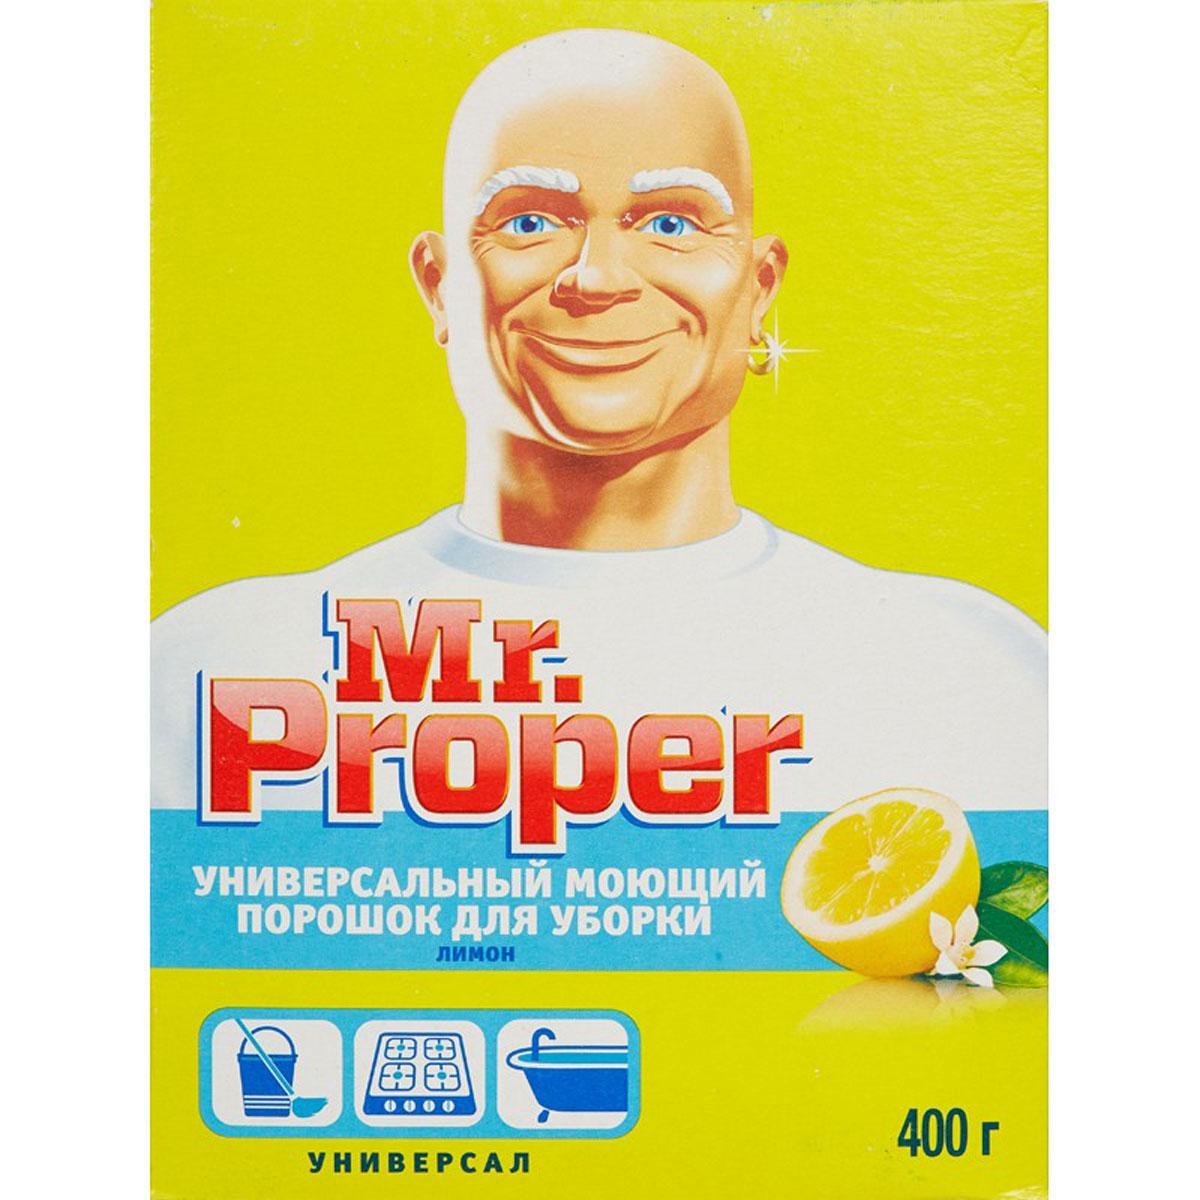 Универсальный моющий порошокMr. Proper, для уборки, ароматом лимона, 400 гHD-8000SXУниверсальный моющий порошок Mr. Proper предназначен для уборки дома. Рекомендован для использования на полах, стенах и других больших поверхностях. Чистящее средство эффективно удаляет различные загрязнения.Обладает приятным ароматом лимона. Характеристики: Вес: 400 мл.Изготовитель: Россия. Товар сертифицирован.